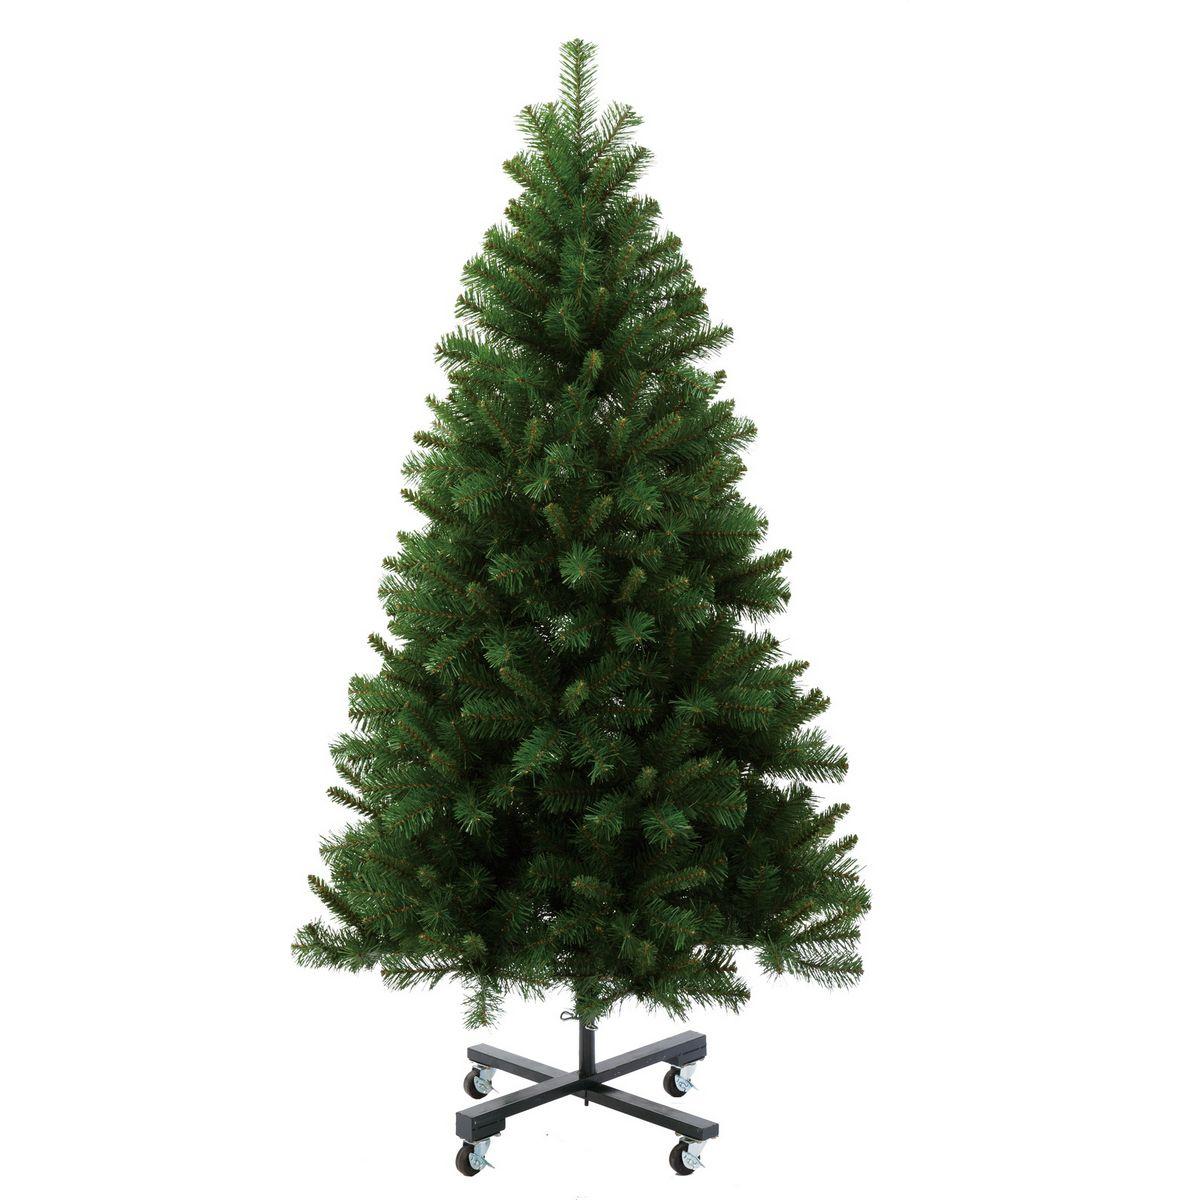 YDM/350cmイージーツリー/CAA-170【01】【取寄】《 店舗ディスプレイ クリスマス飾り クリスマスツリー 》